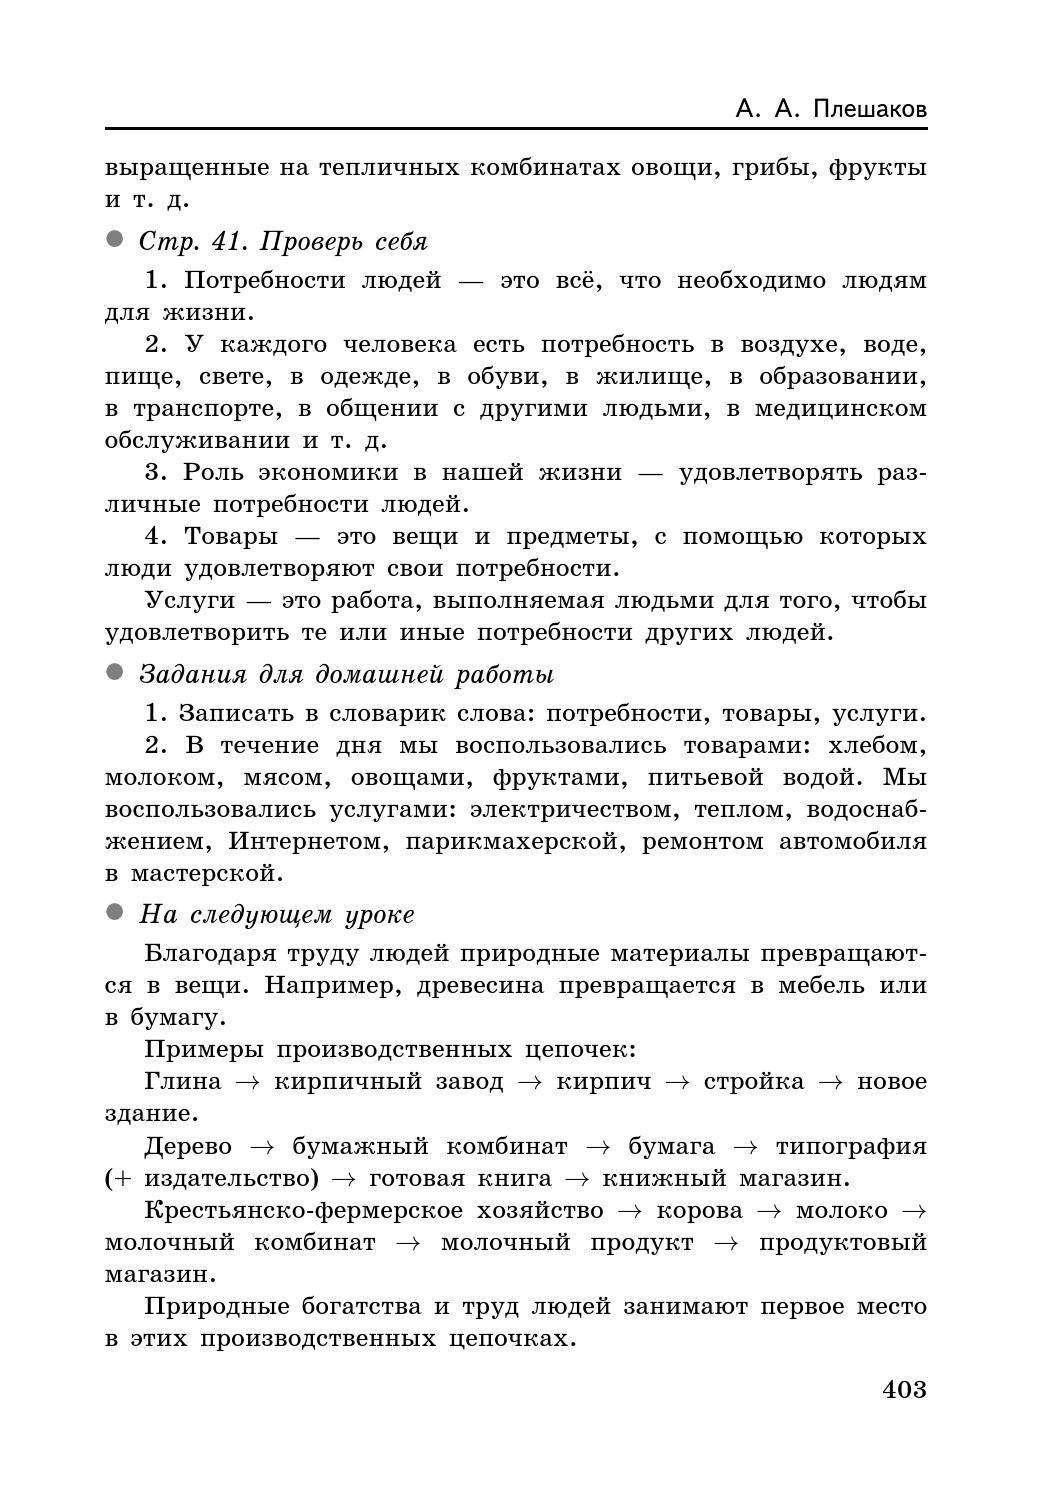 Гдз по английскому 5 класс 2018 издательство пр освящени